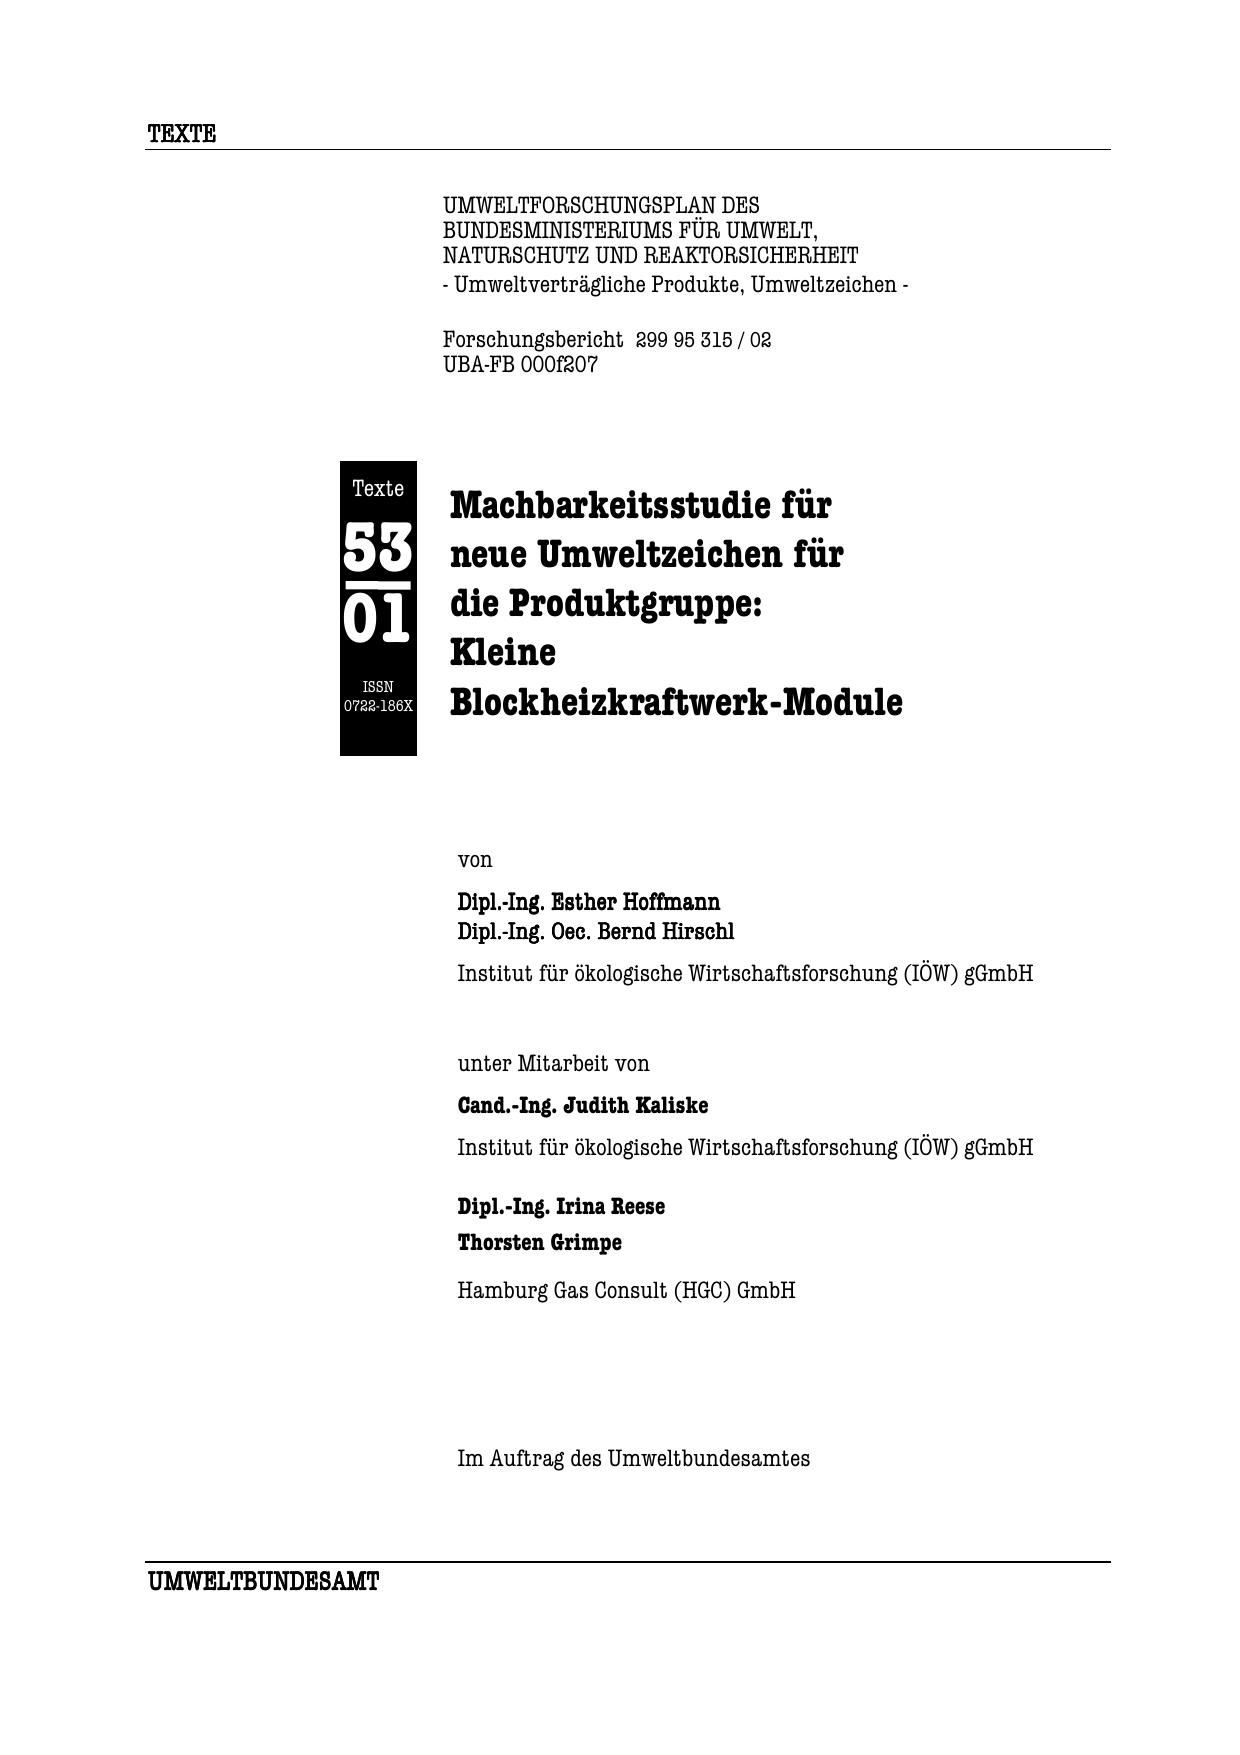 Machbarkeitsstudie Umweltzeichen-BHKW, Seiten 1-239 | manualzz.com